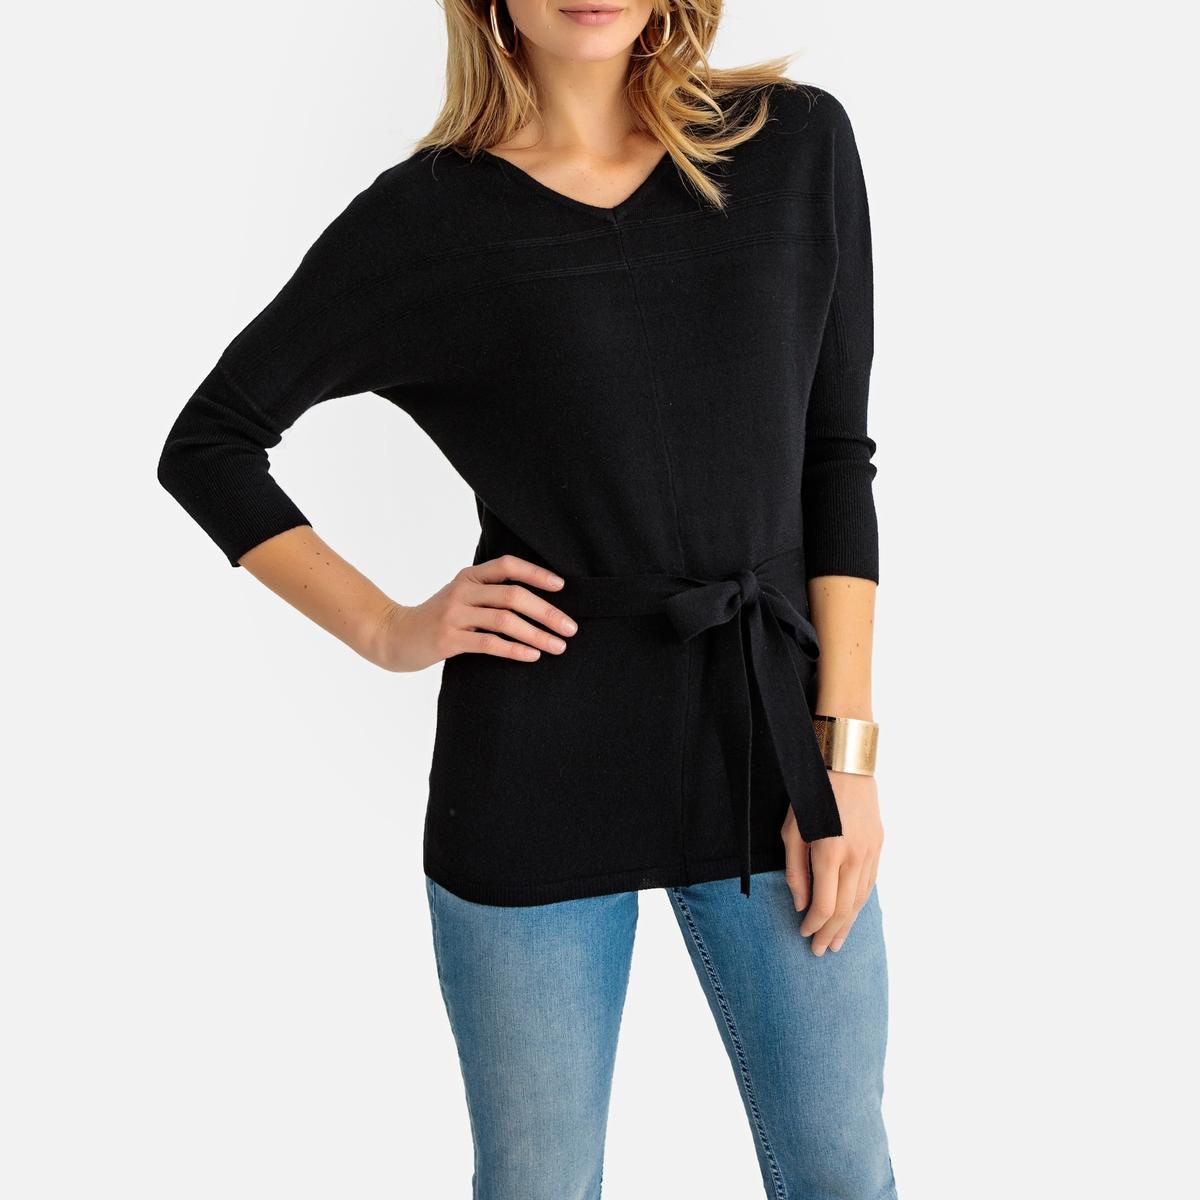 Пуловер La Redoute Длинный с V-образным вырезом из тонкого трикотажа 42/44 (FR) - 48/50 (RUS) черный